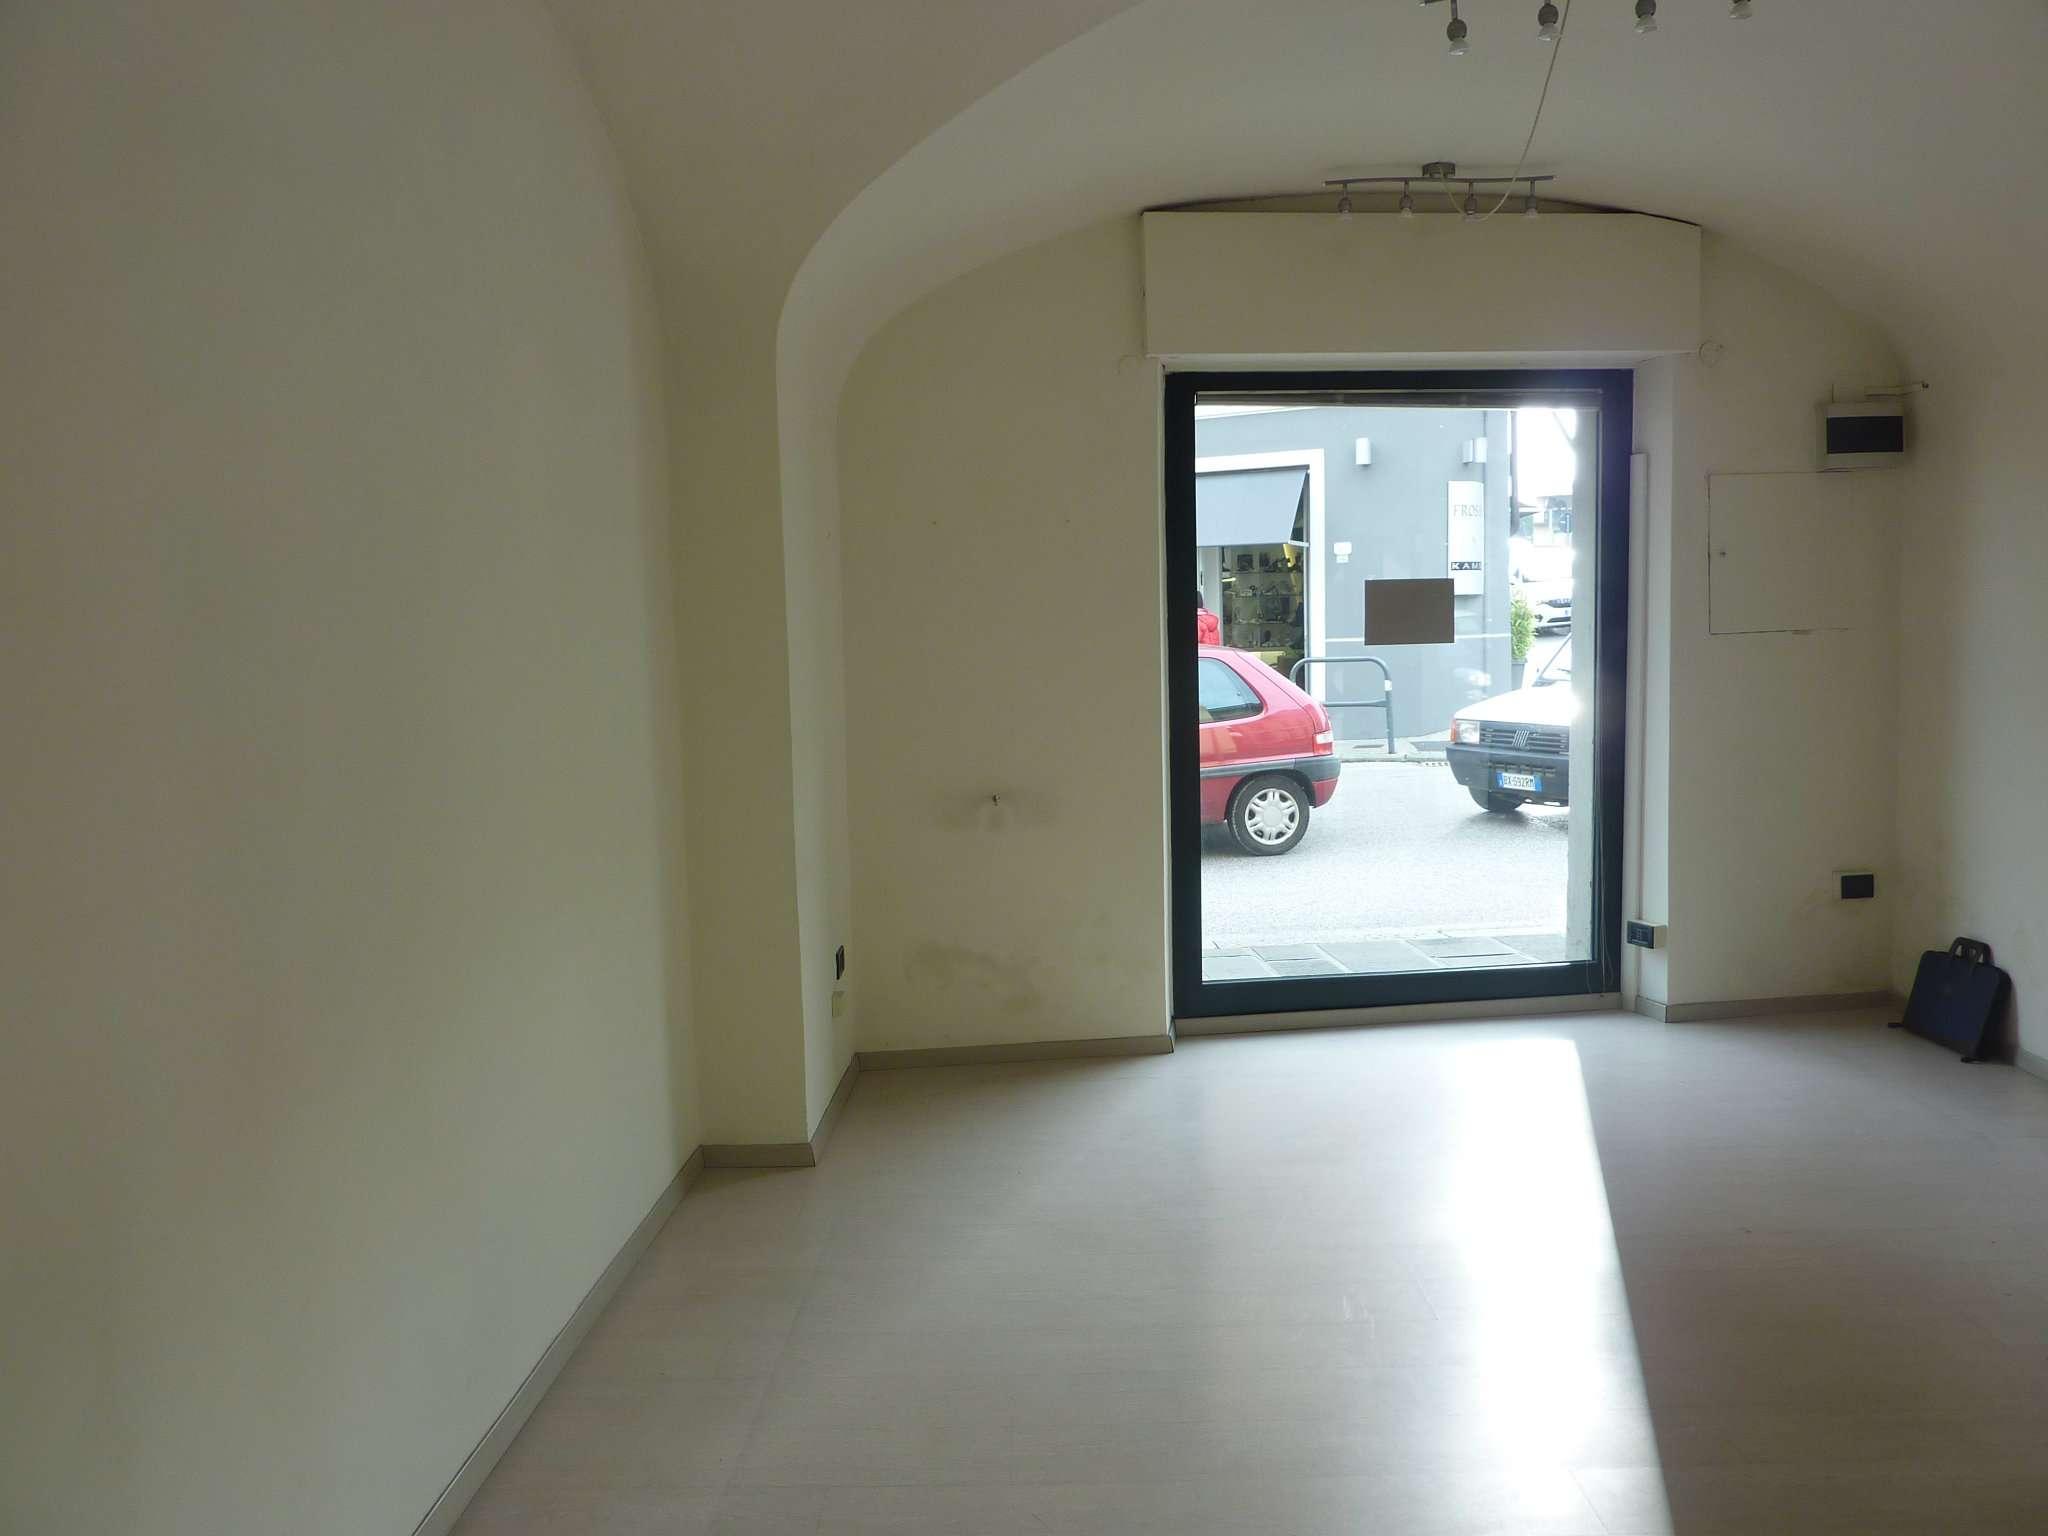 Negozio / Locale in vendita a Pistoia, 2 locali, prezzo € 120.000 | CambioCasa.it